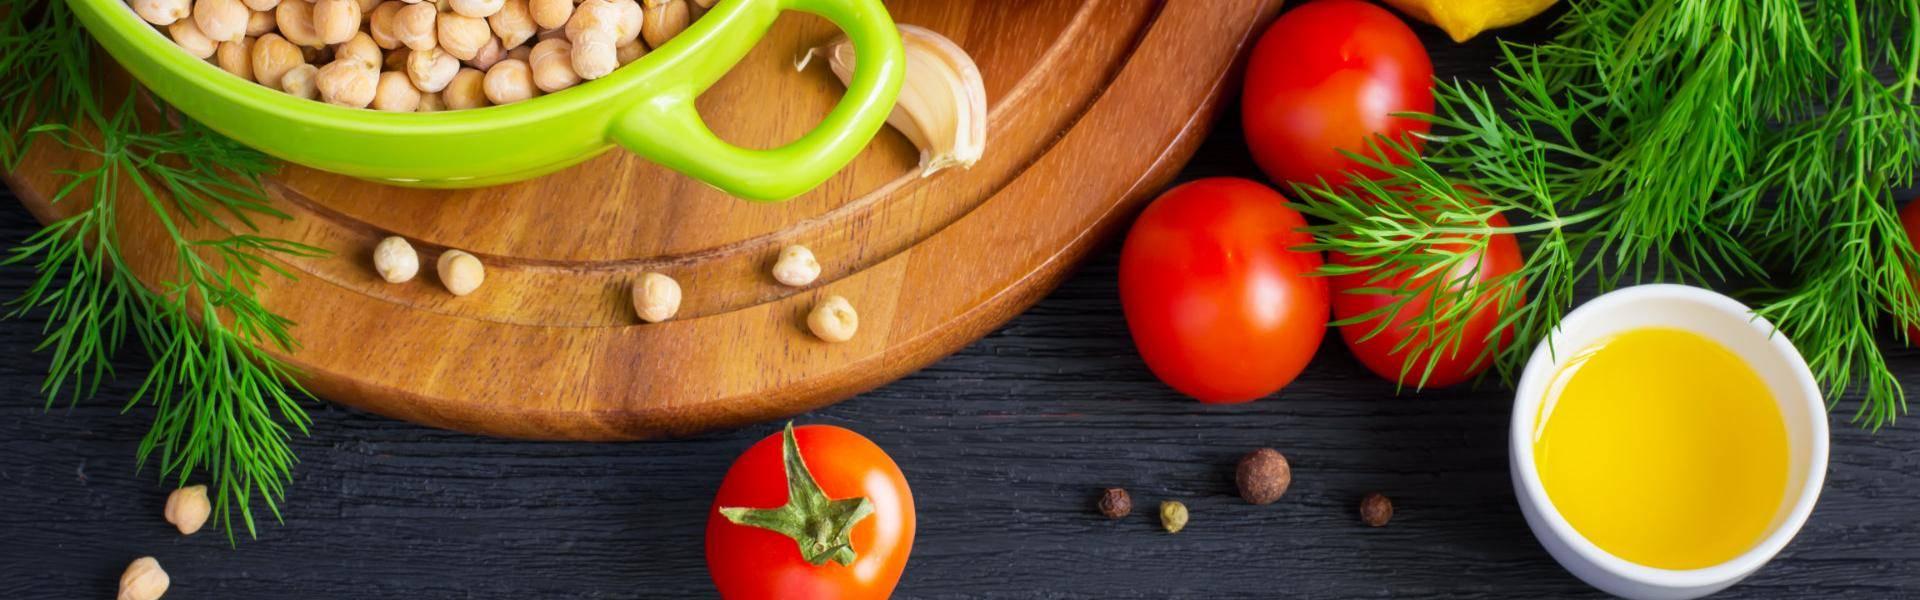 I Potenziali Rischi Per La Salute Di Una Dieta Vegana Menatti Blog